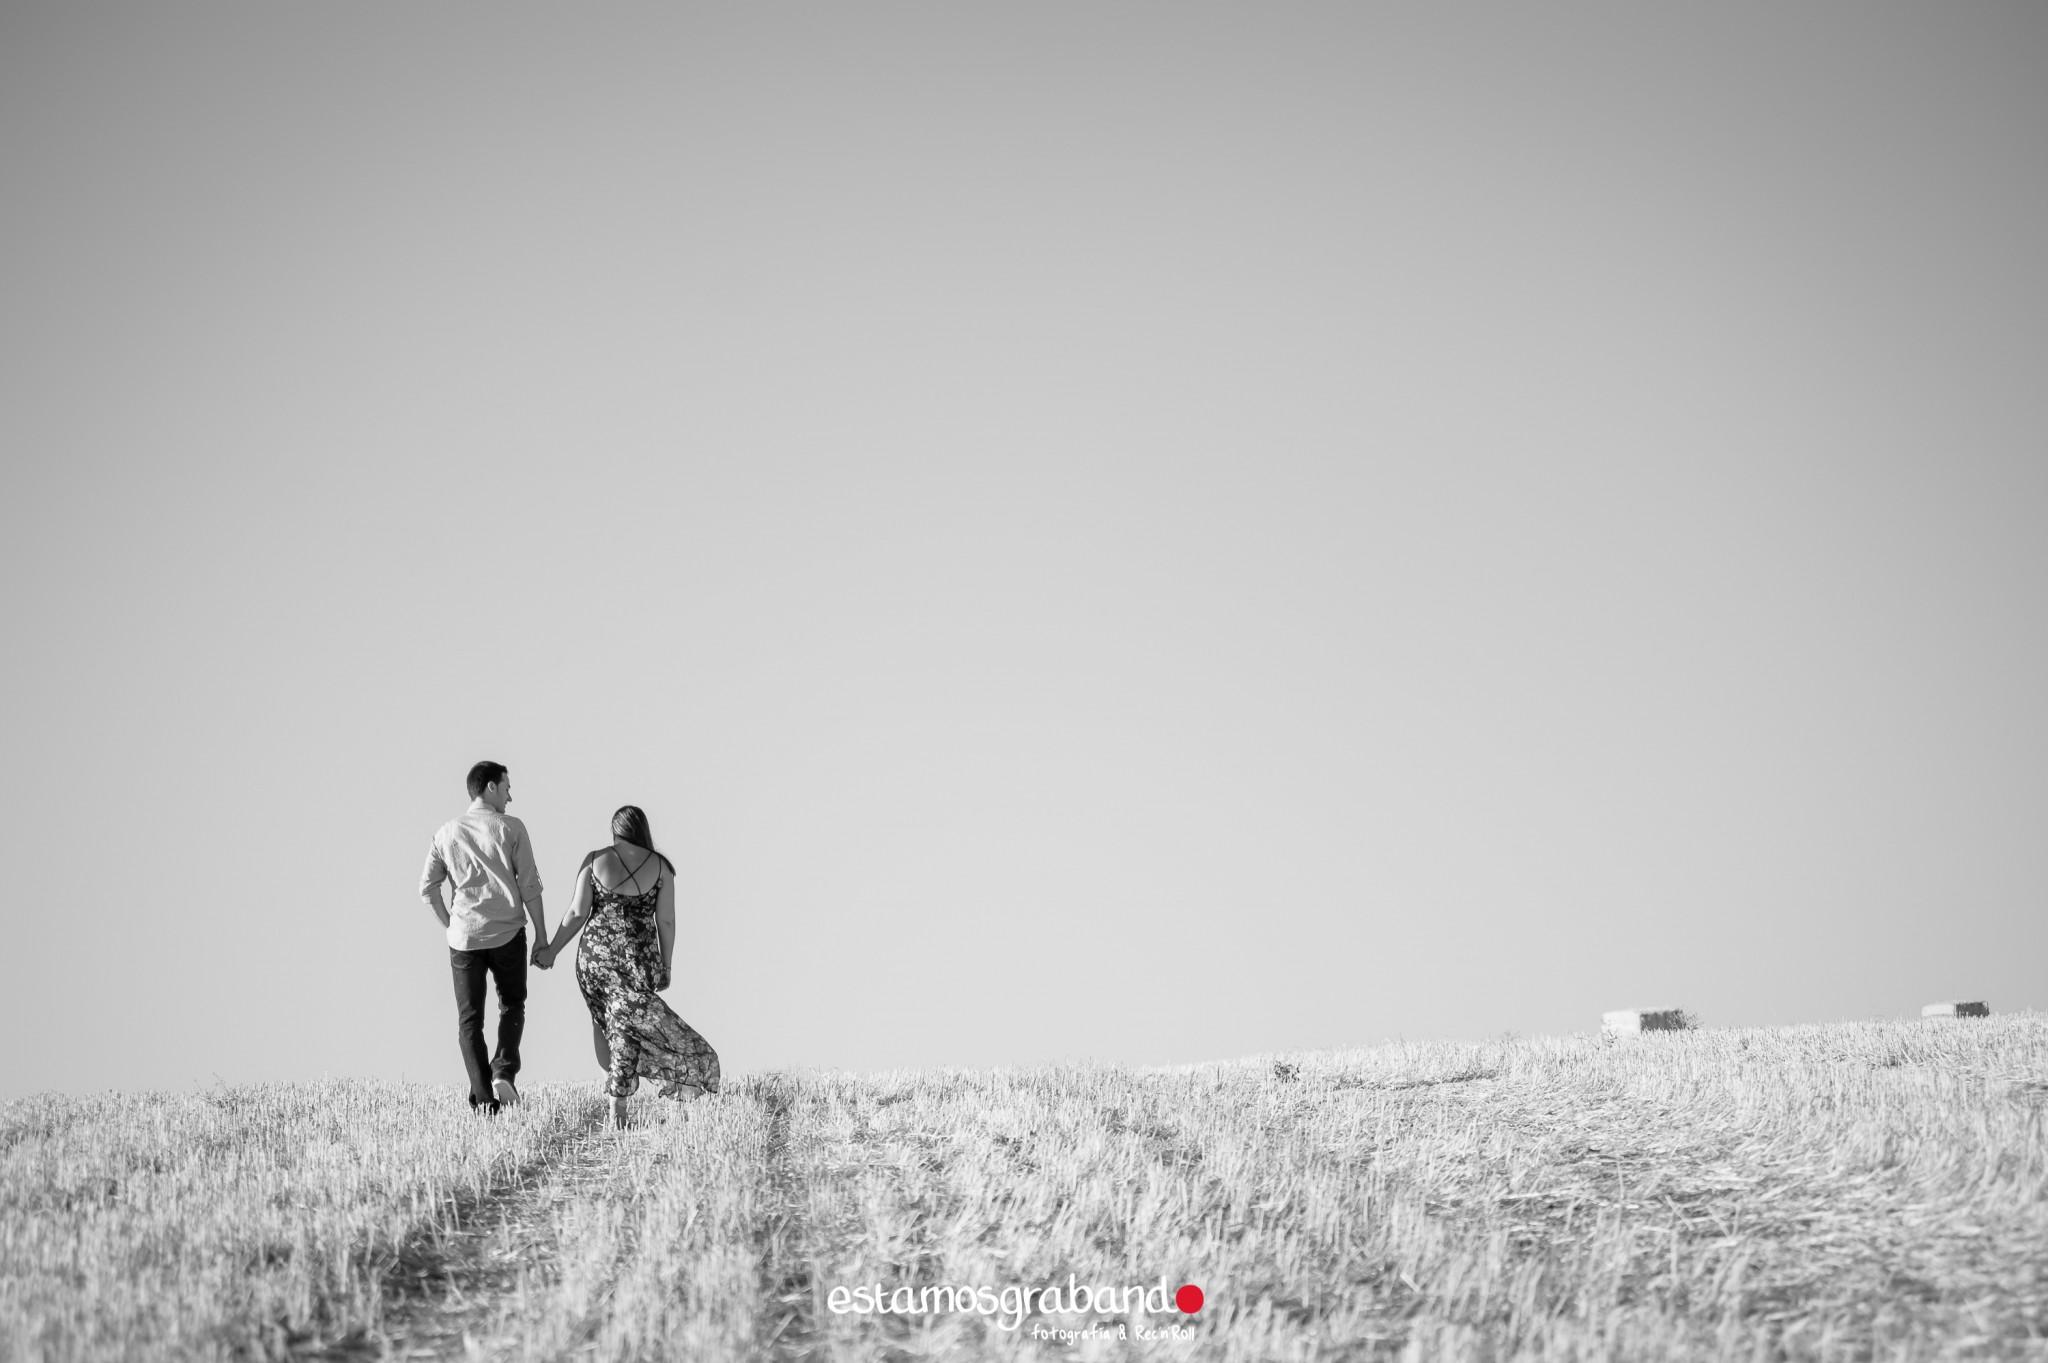 preboda-may-y-sergio-preboda-sesion-rec-and-rollera-fotos-de-pareja-e-session-fotos-boda-jerez-fotos-boda-jerez_-38 10 días [Preboda May & Sergio] - video boda cadiz